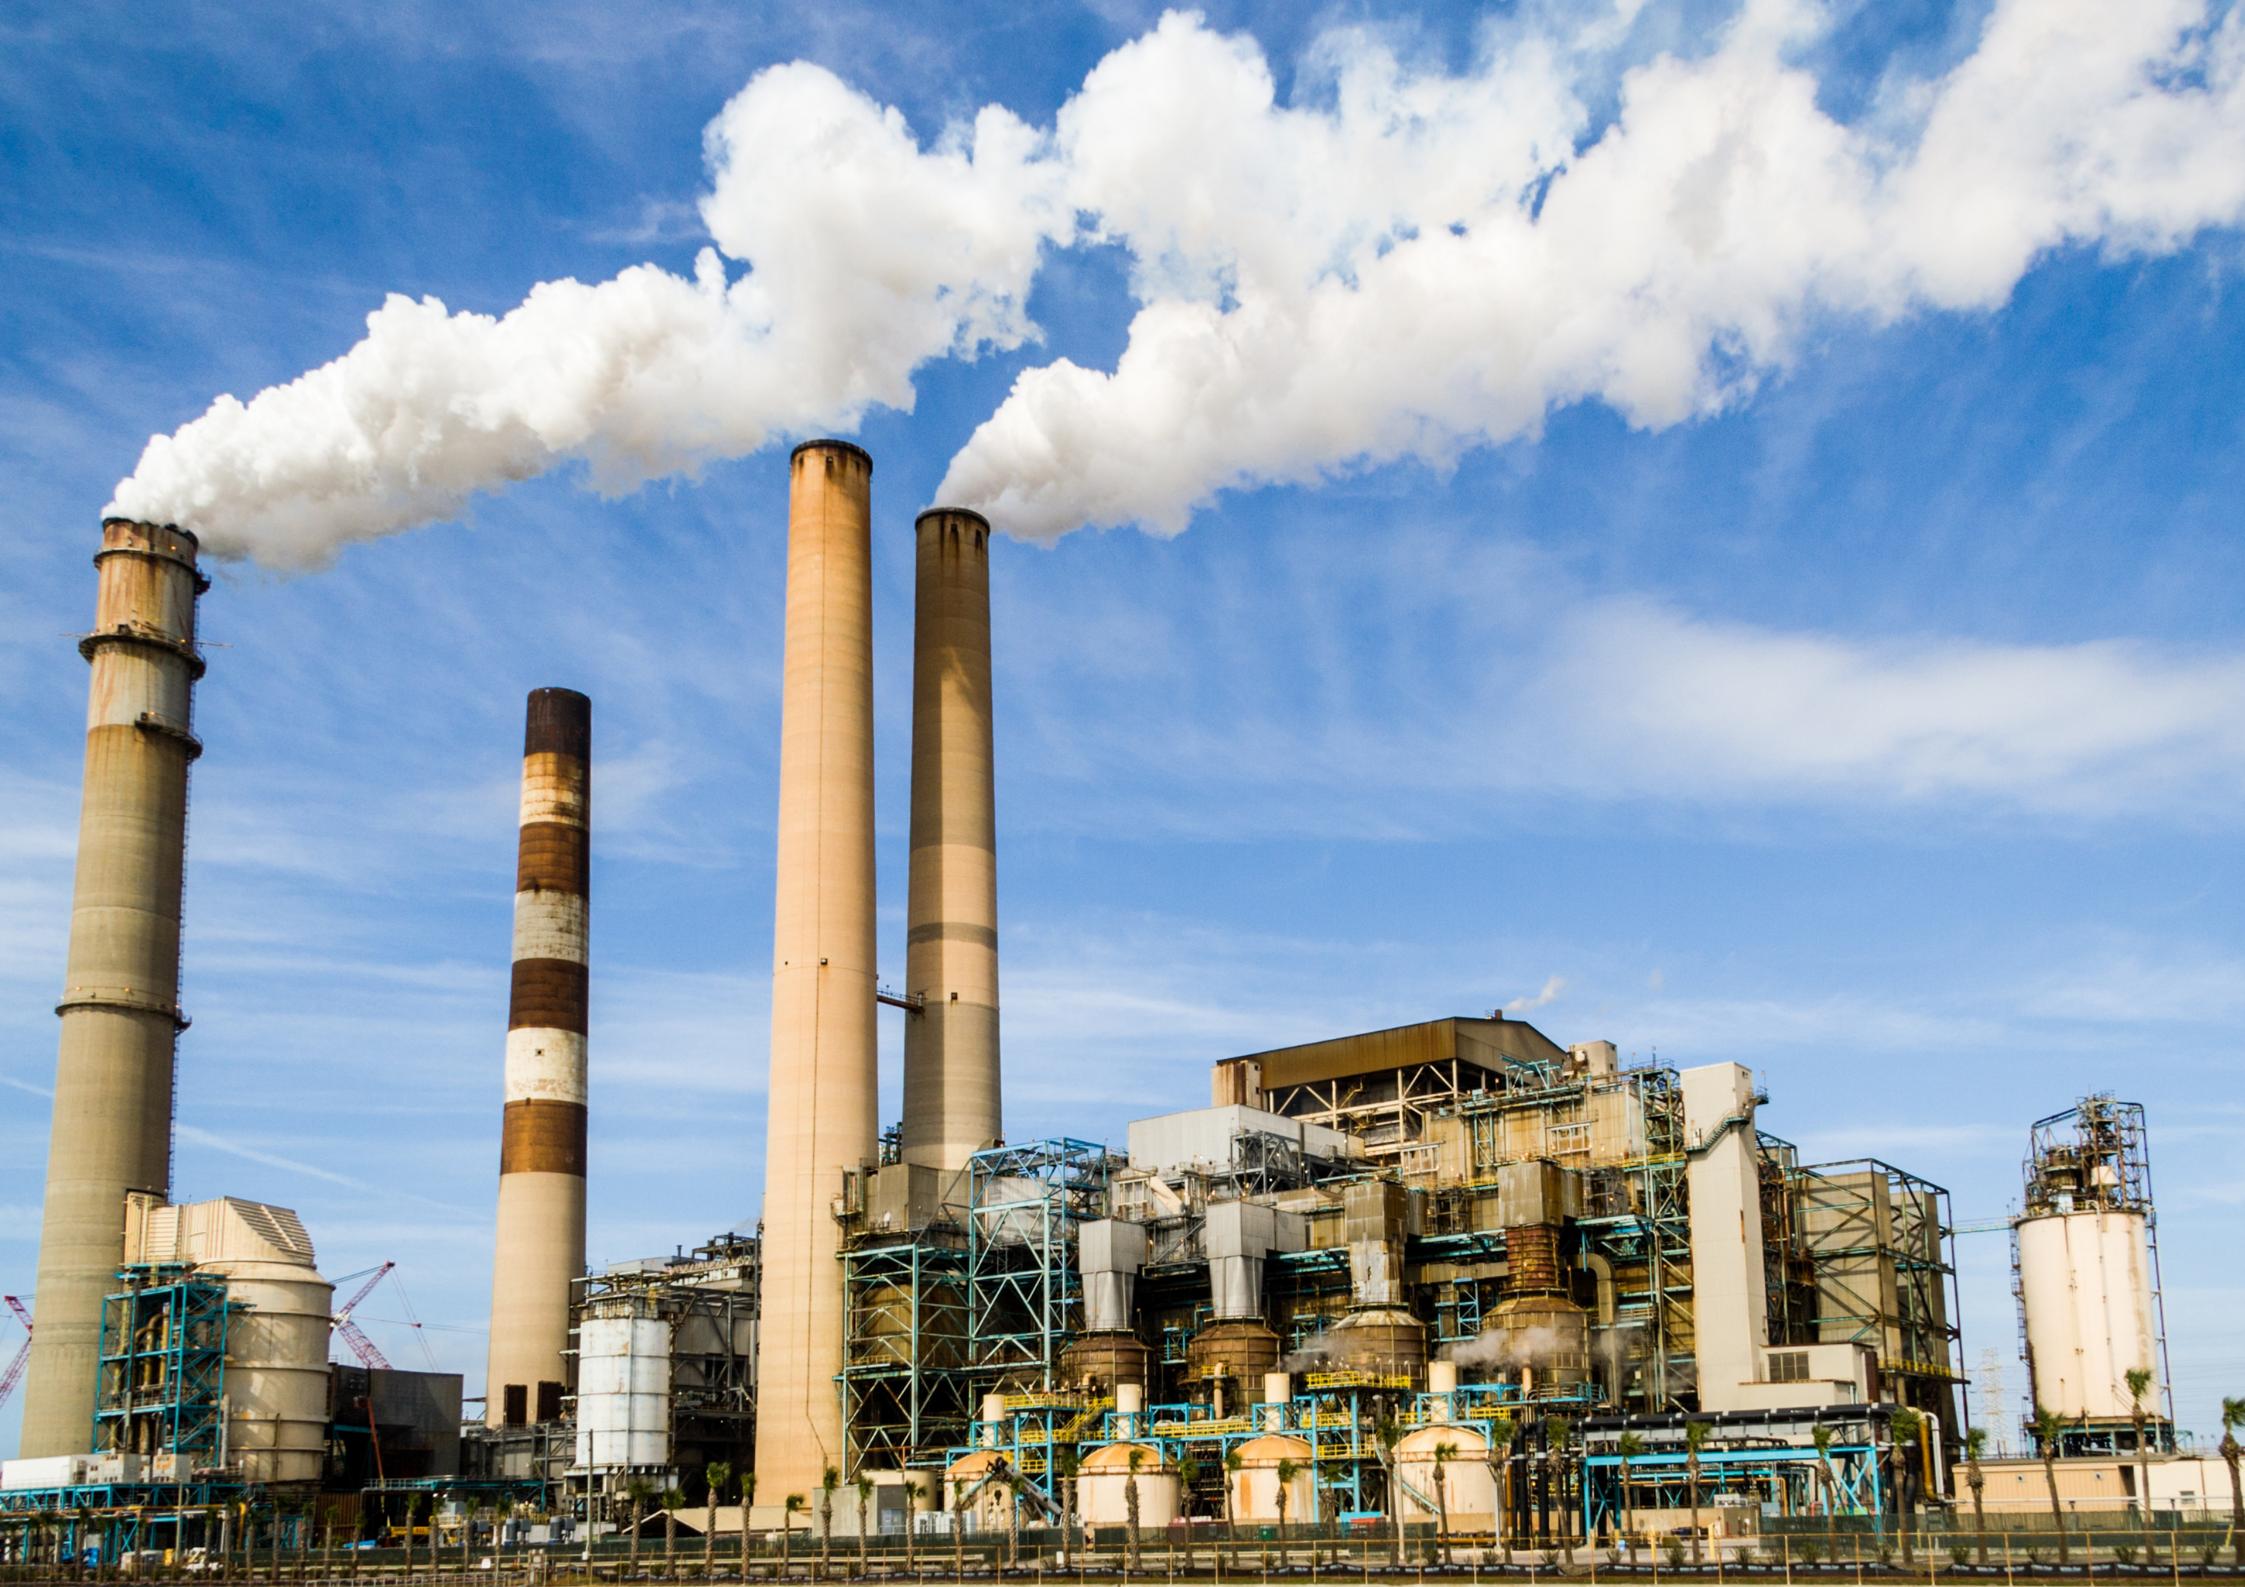 Quels sont les secteurs les plus polluants en France ?